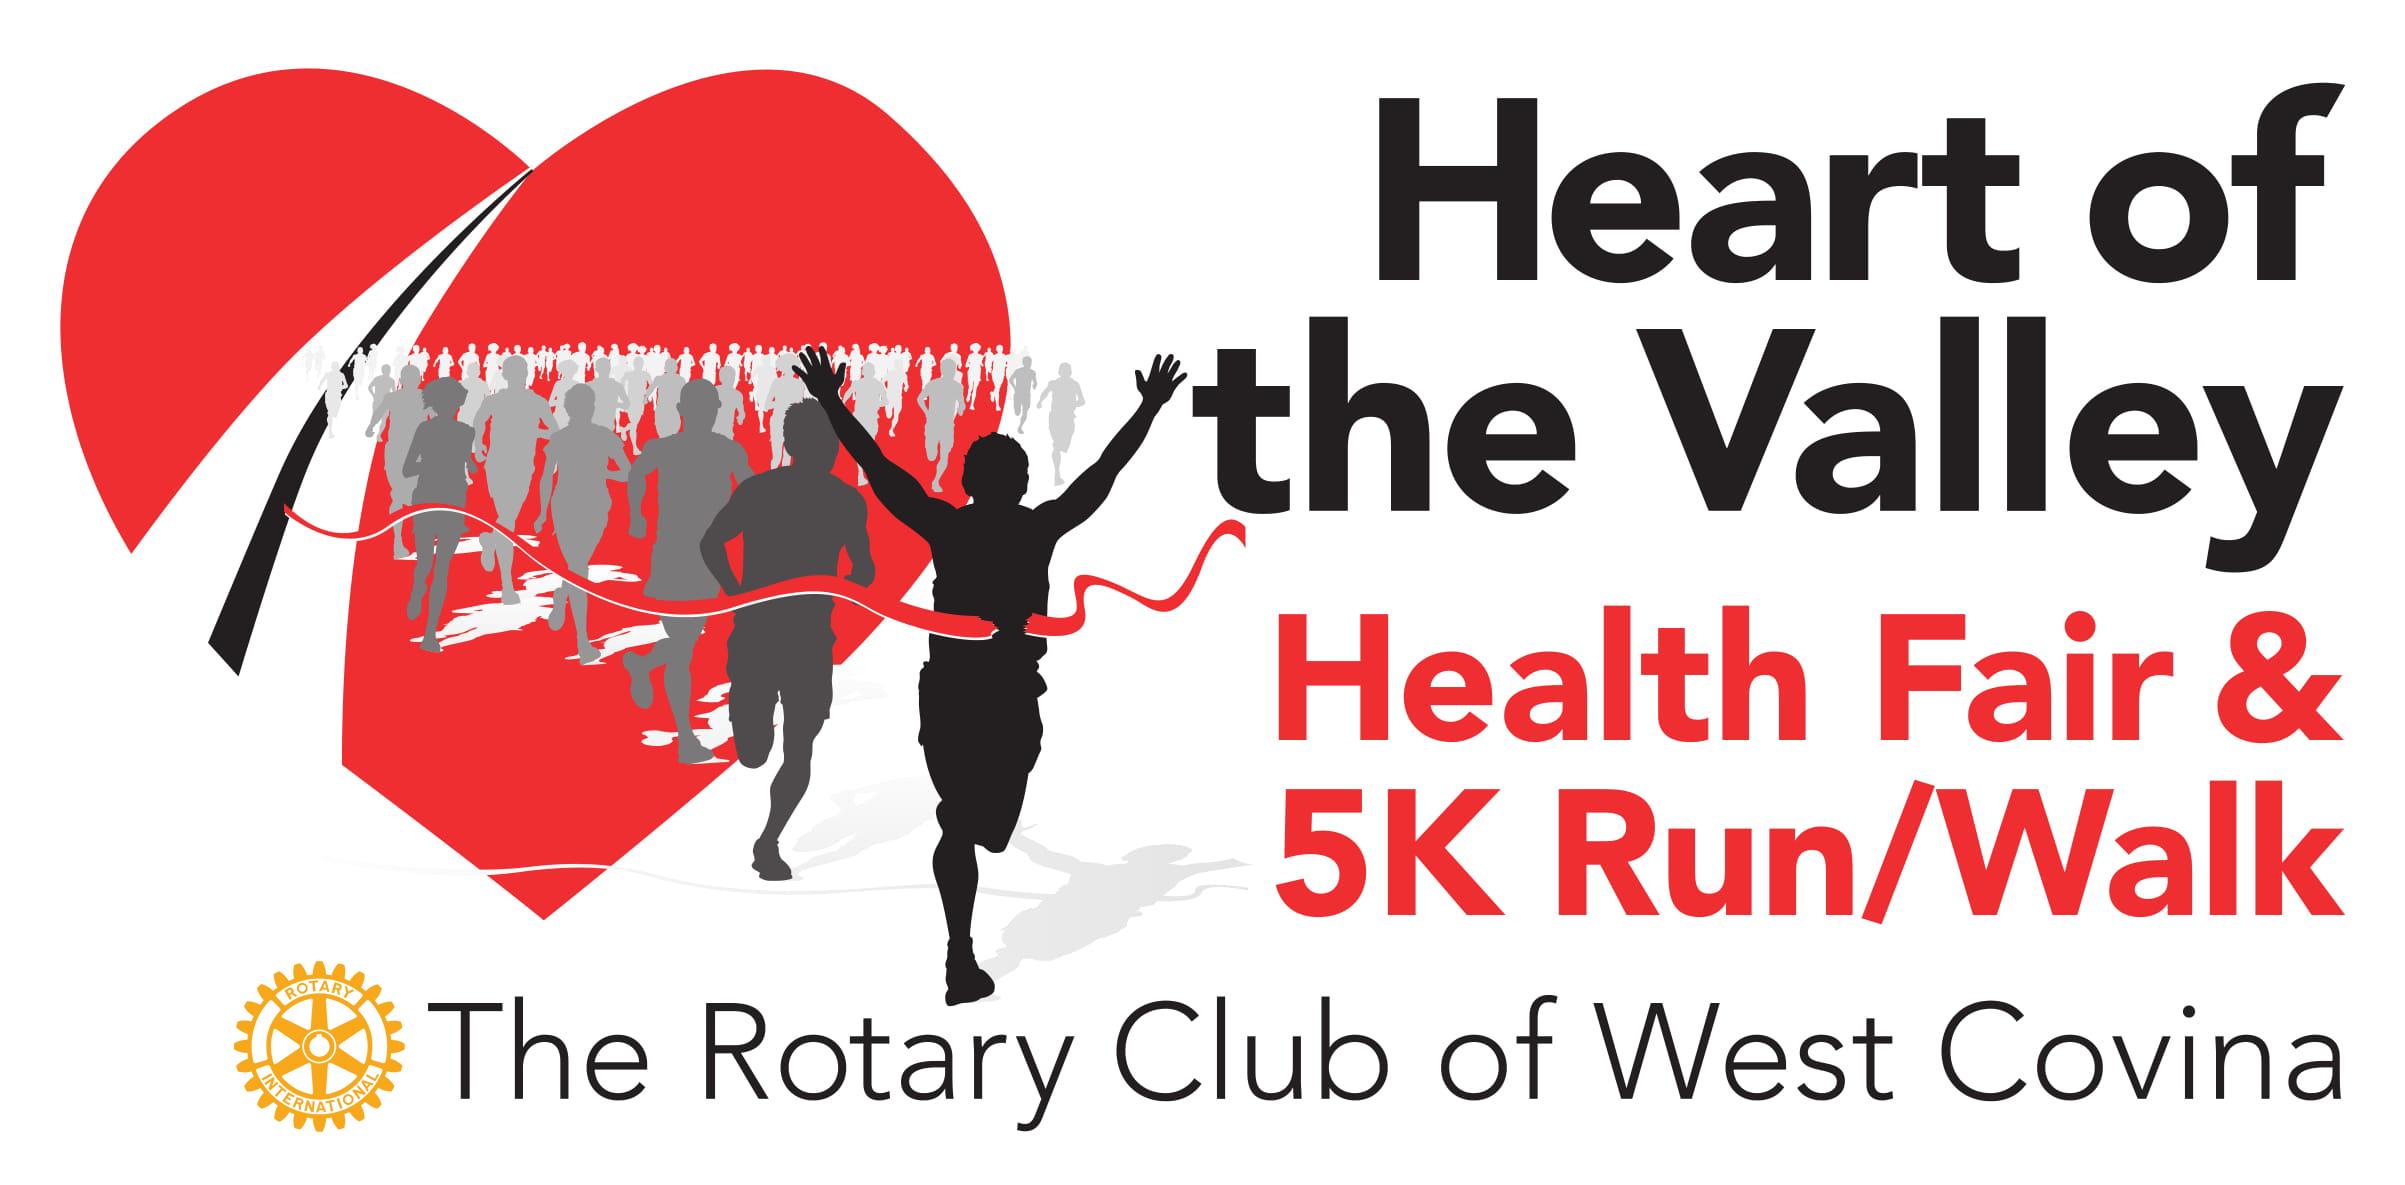 HEART OF THE VALLEY HEALTH FAIR/5K run